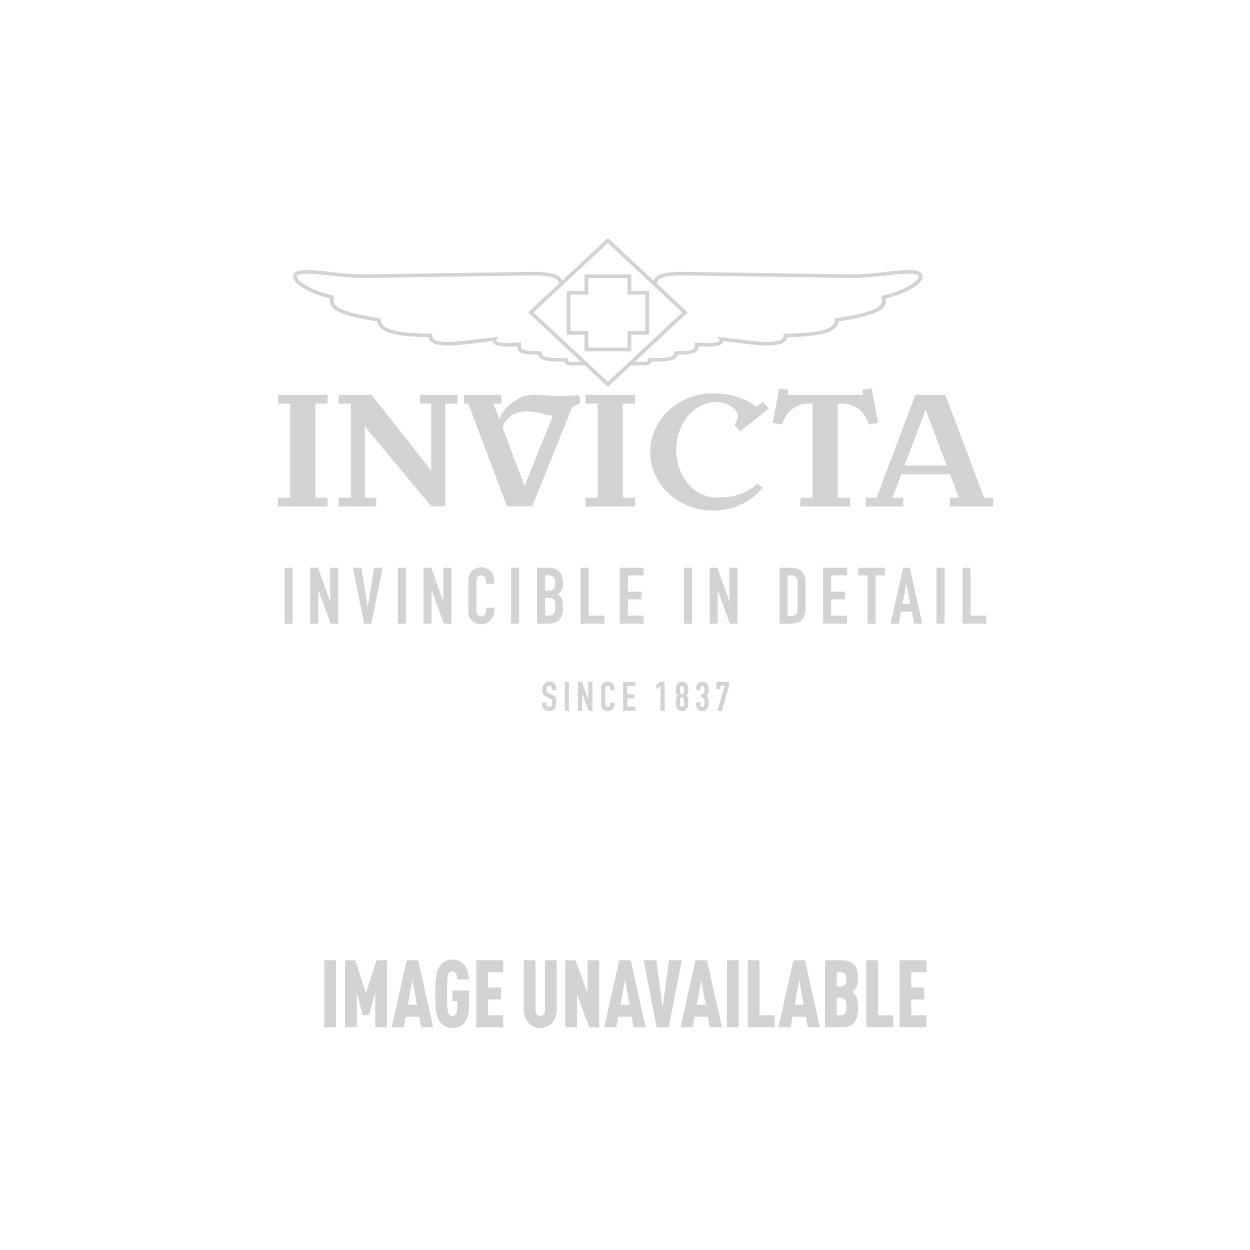 Invicta Model 25554